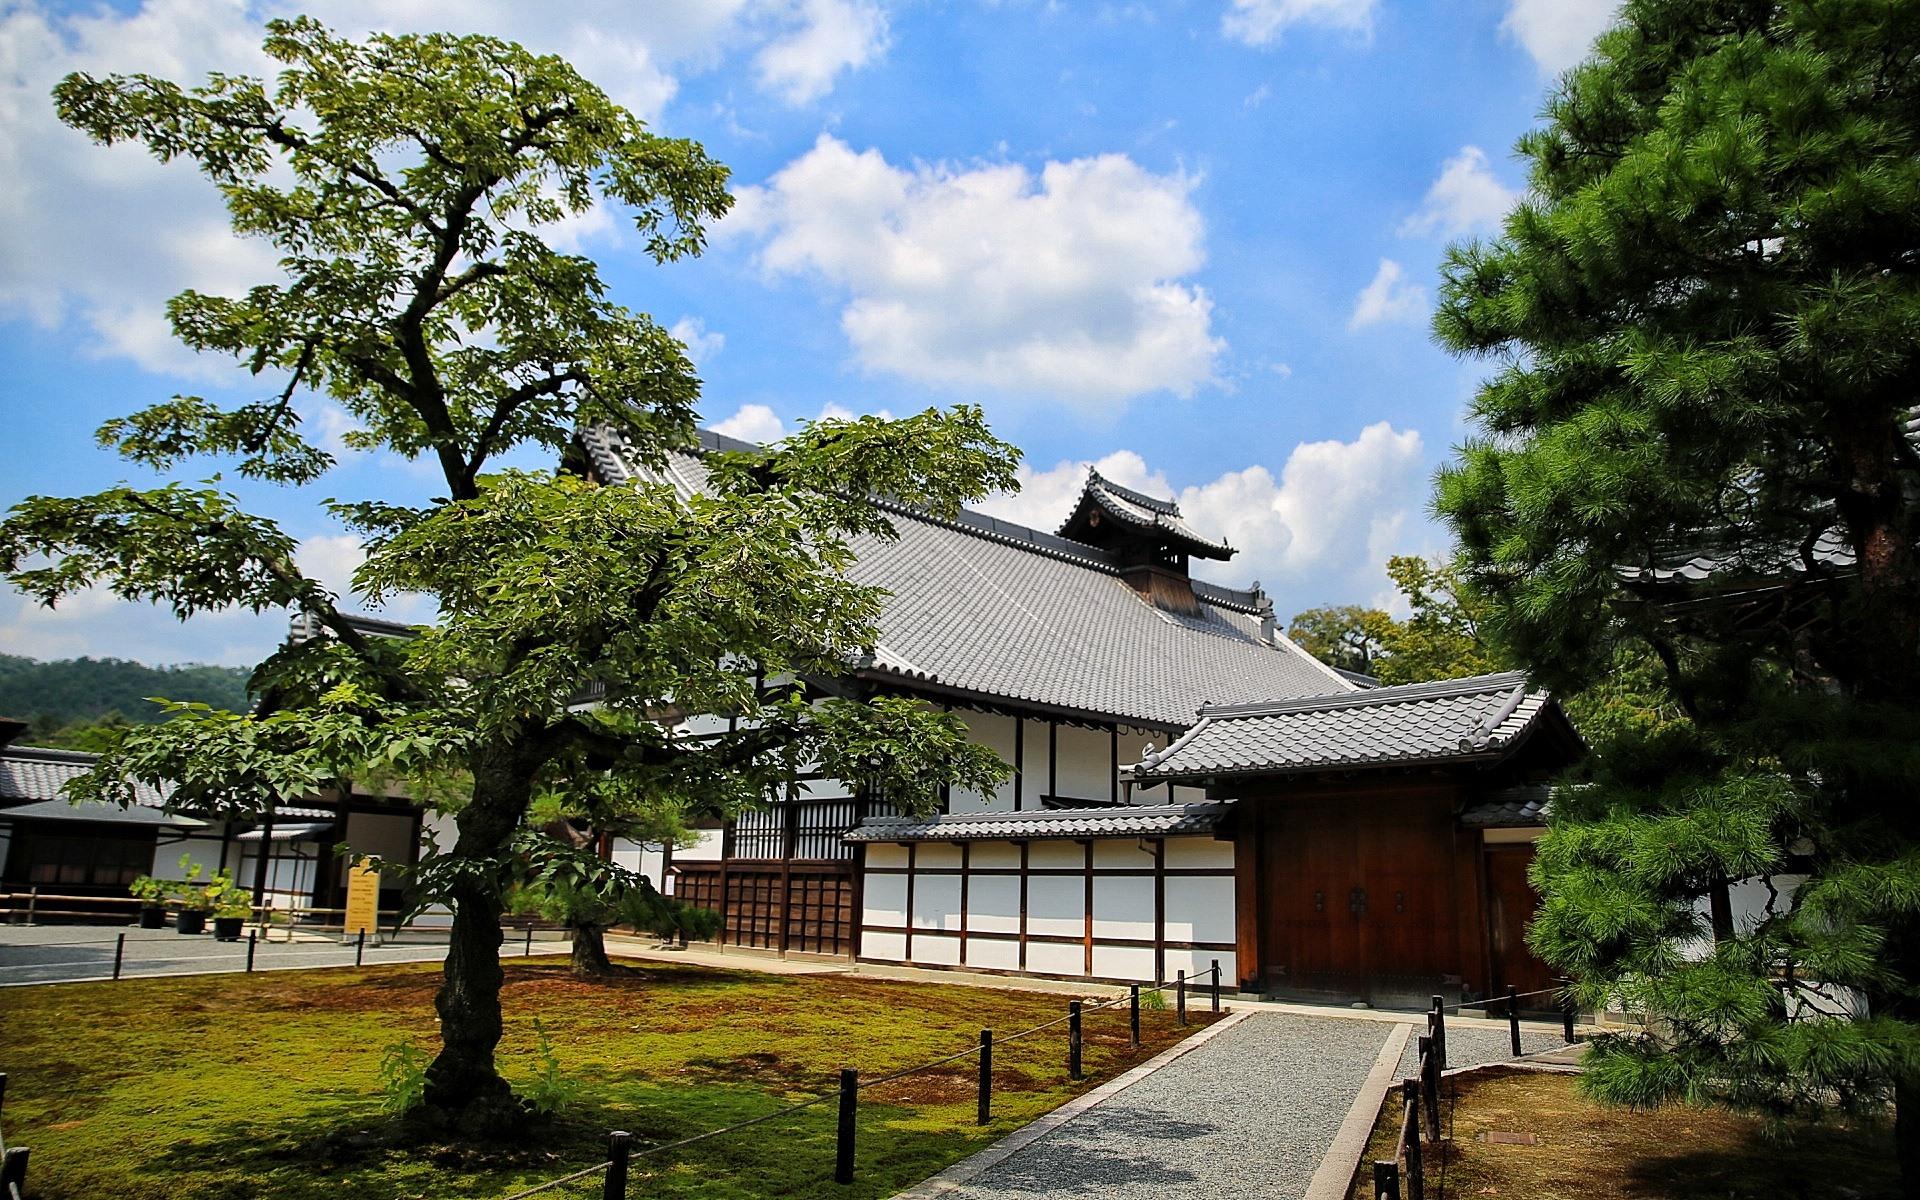 壁紙 日本 京都 名古屋 住宅 木々 1920x1200 Hd 無料の